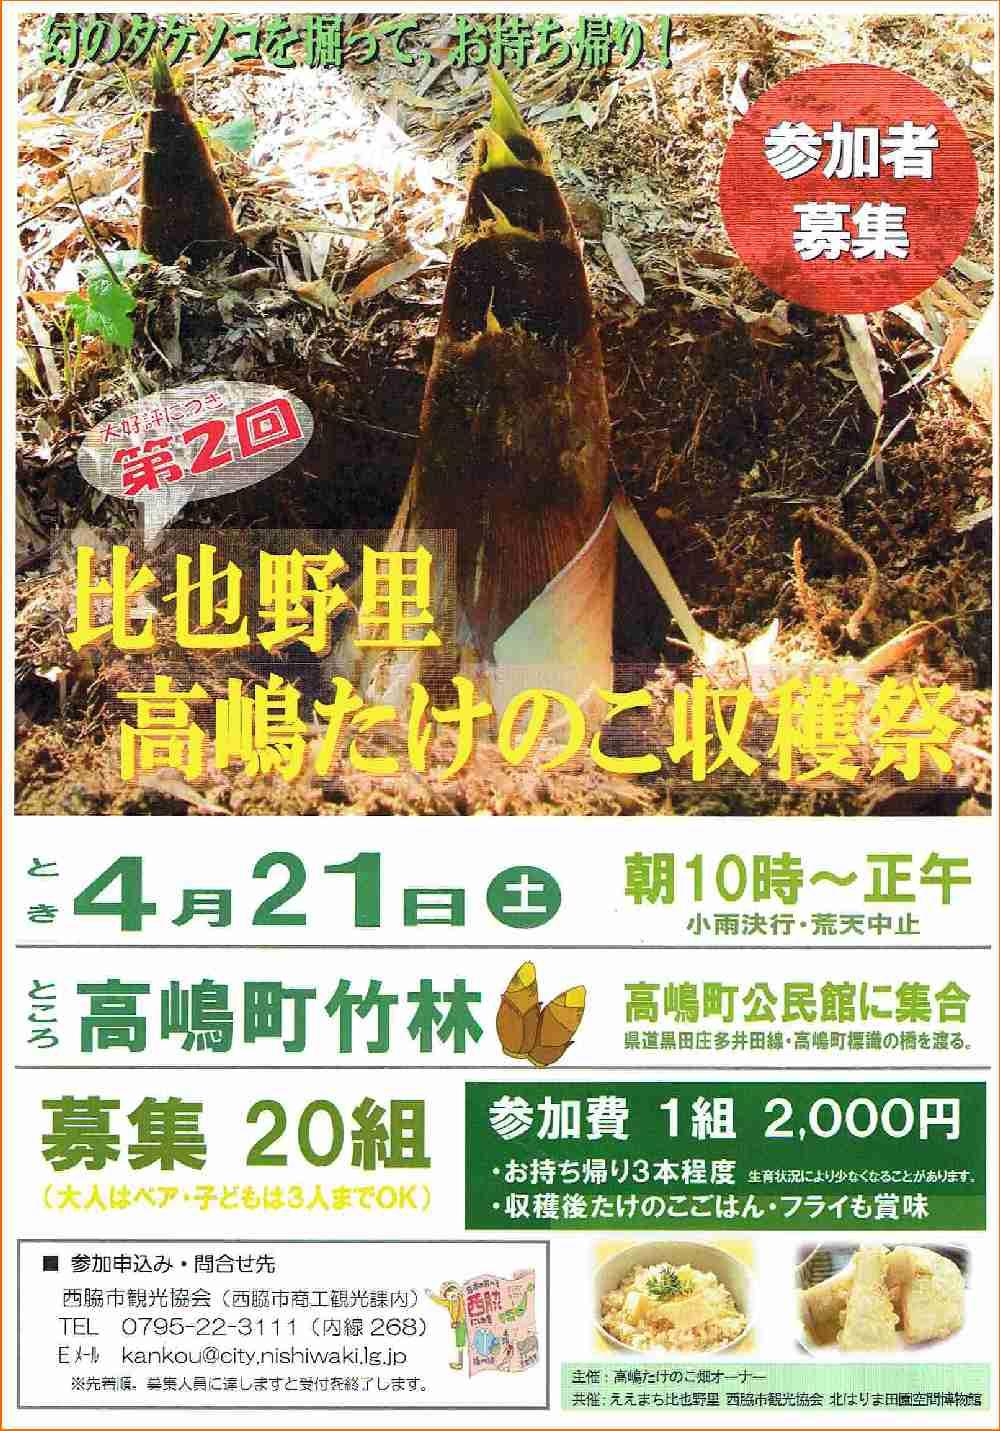 4/21 高嶋たけのこ収穫祭:高嶋町公民館